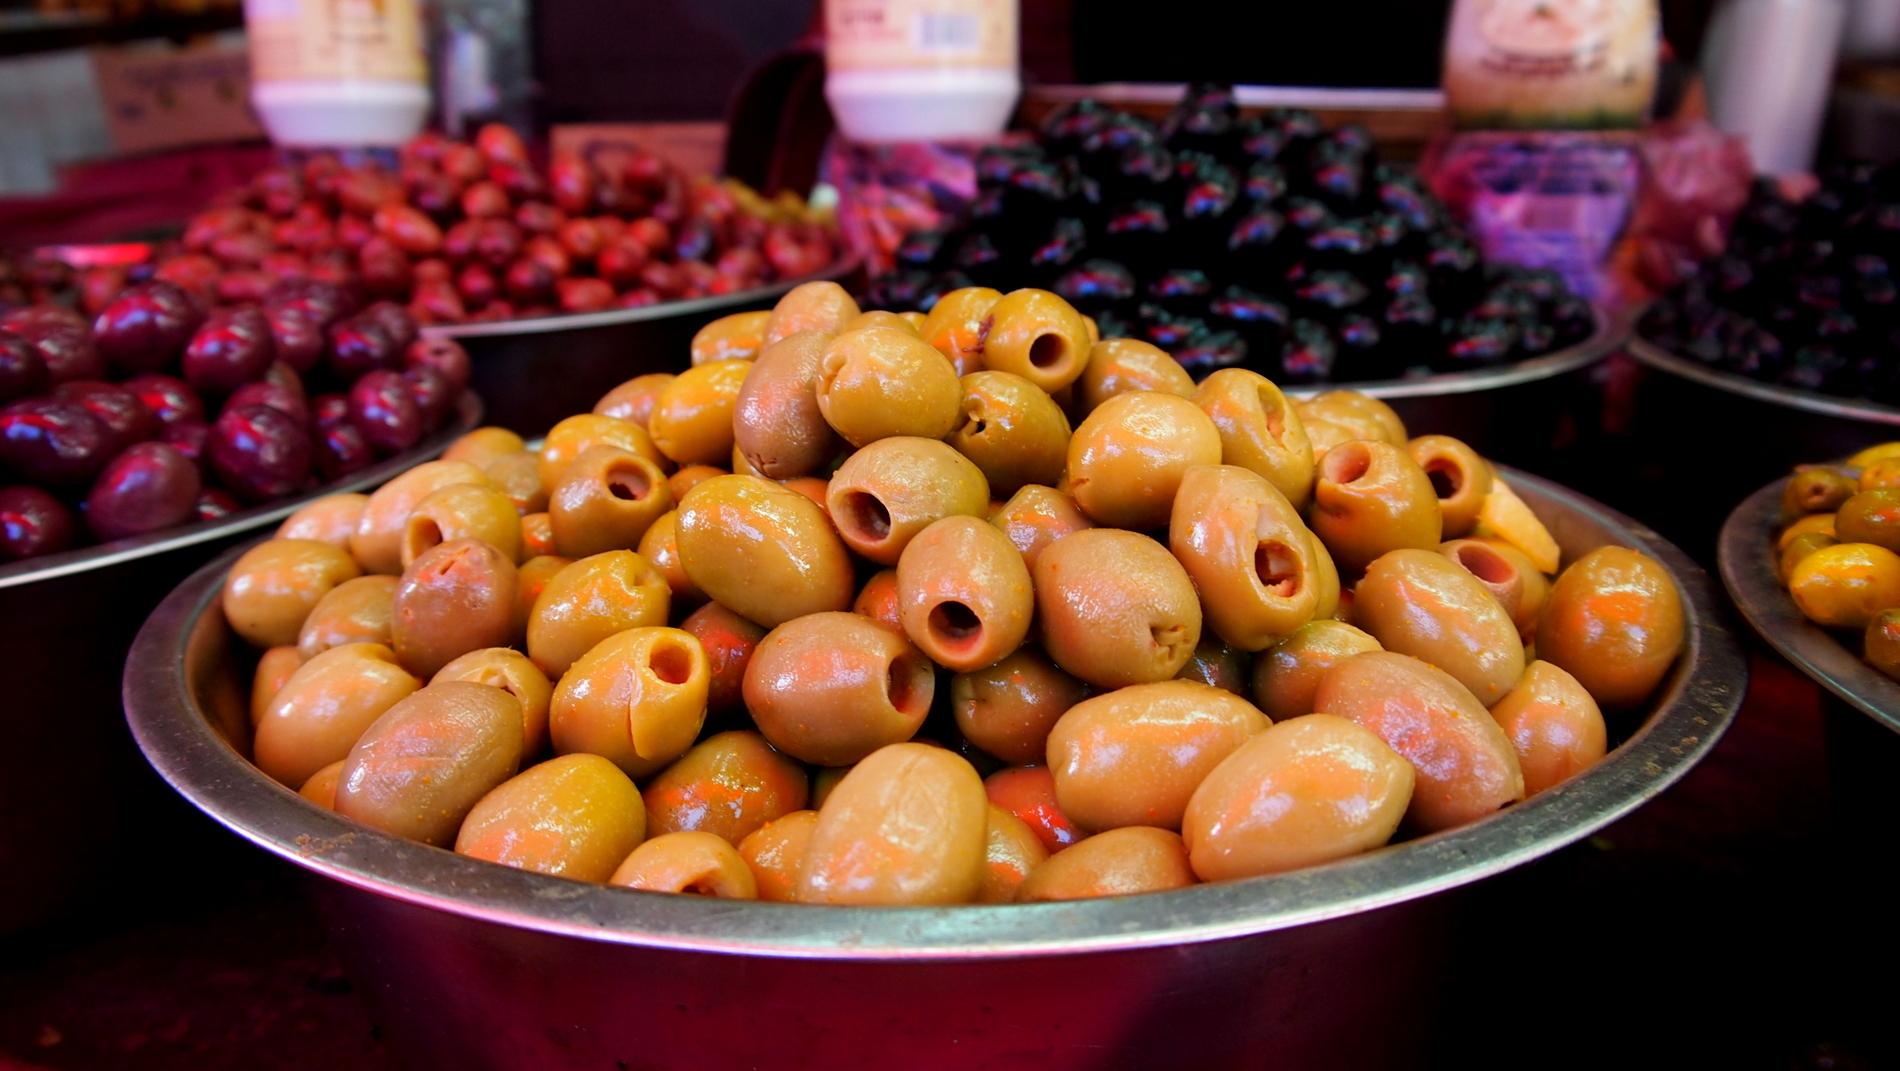 The Carmel Market, one of the best markets in Tel Aviv